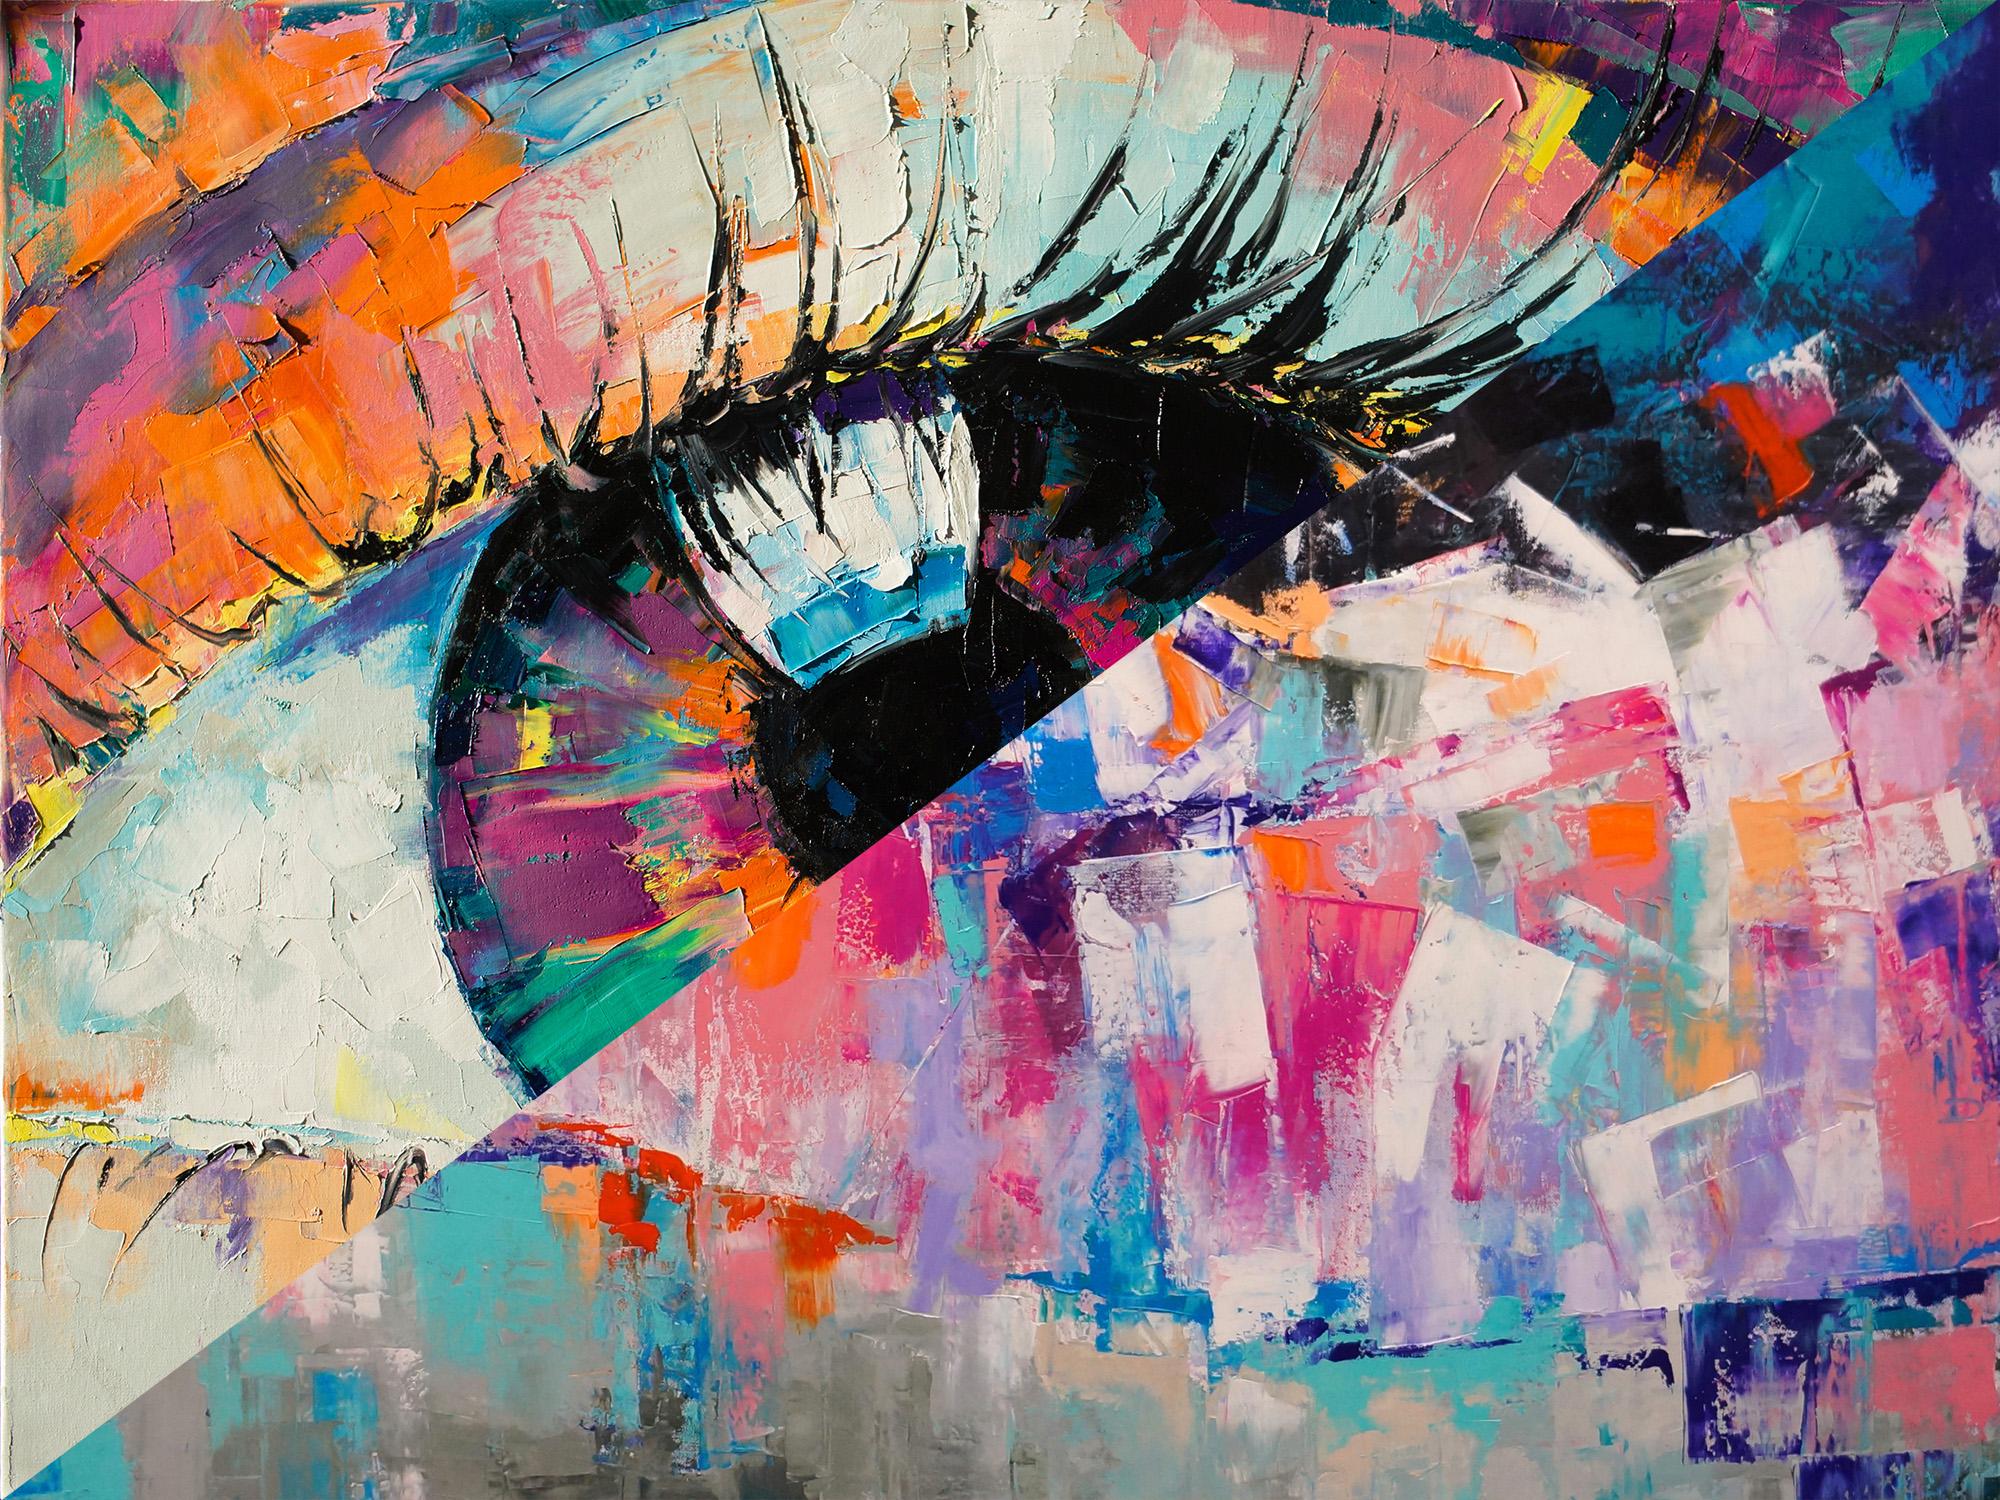 Око-флюорит / The eye-fluorite